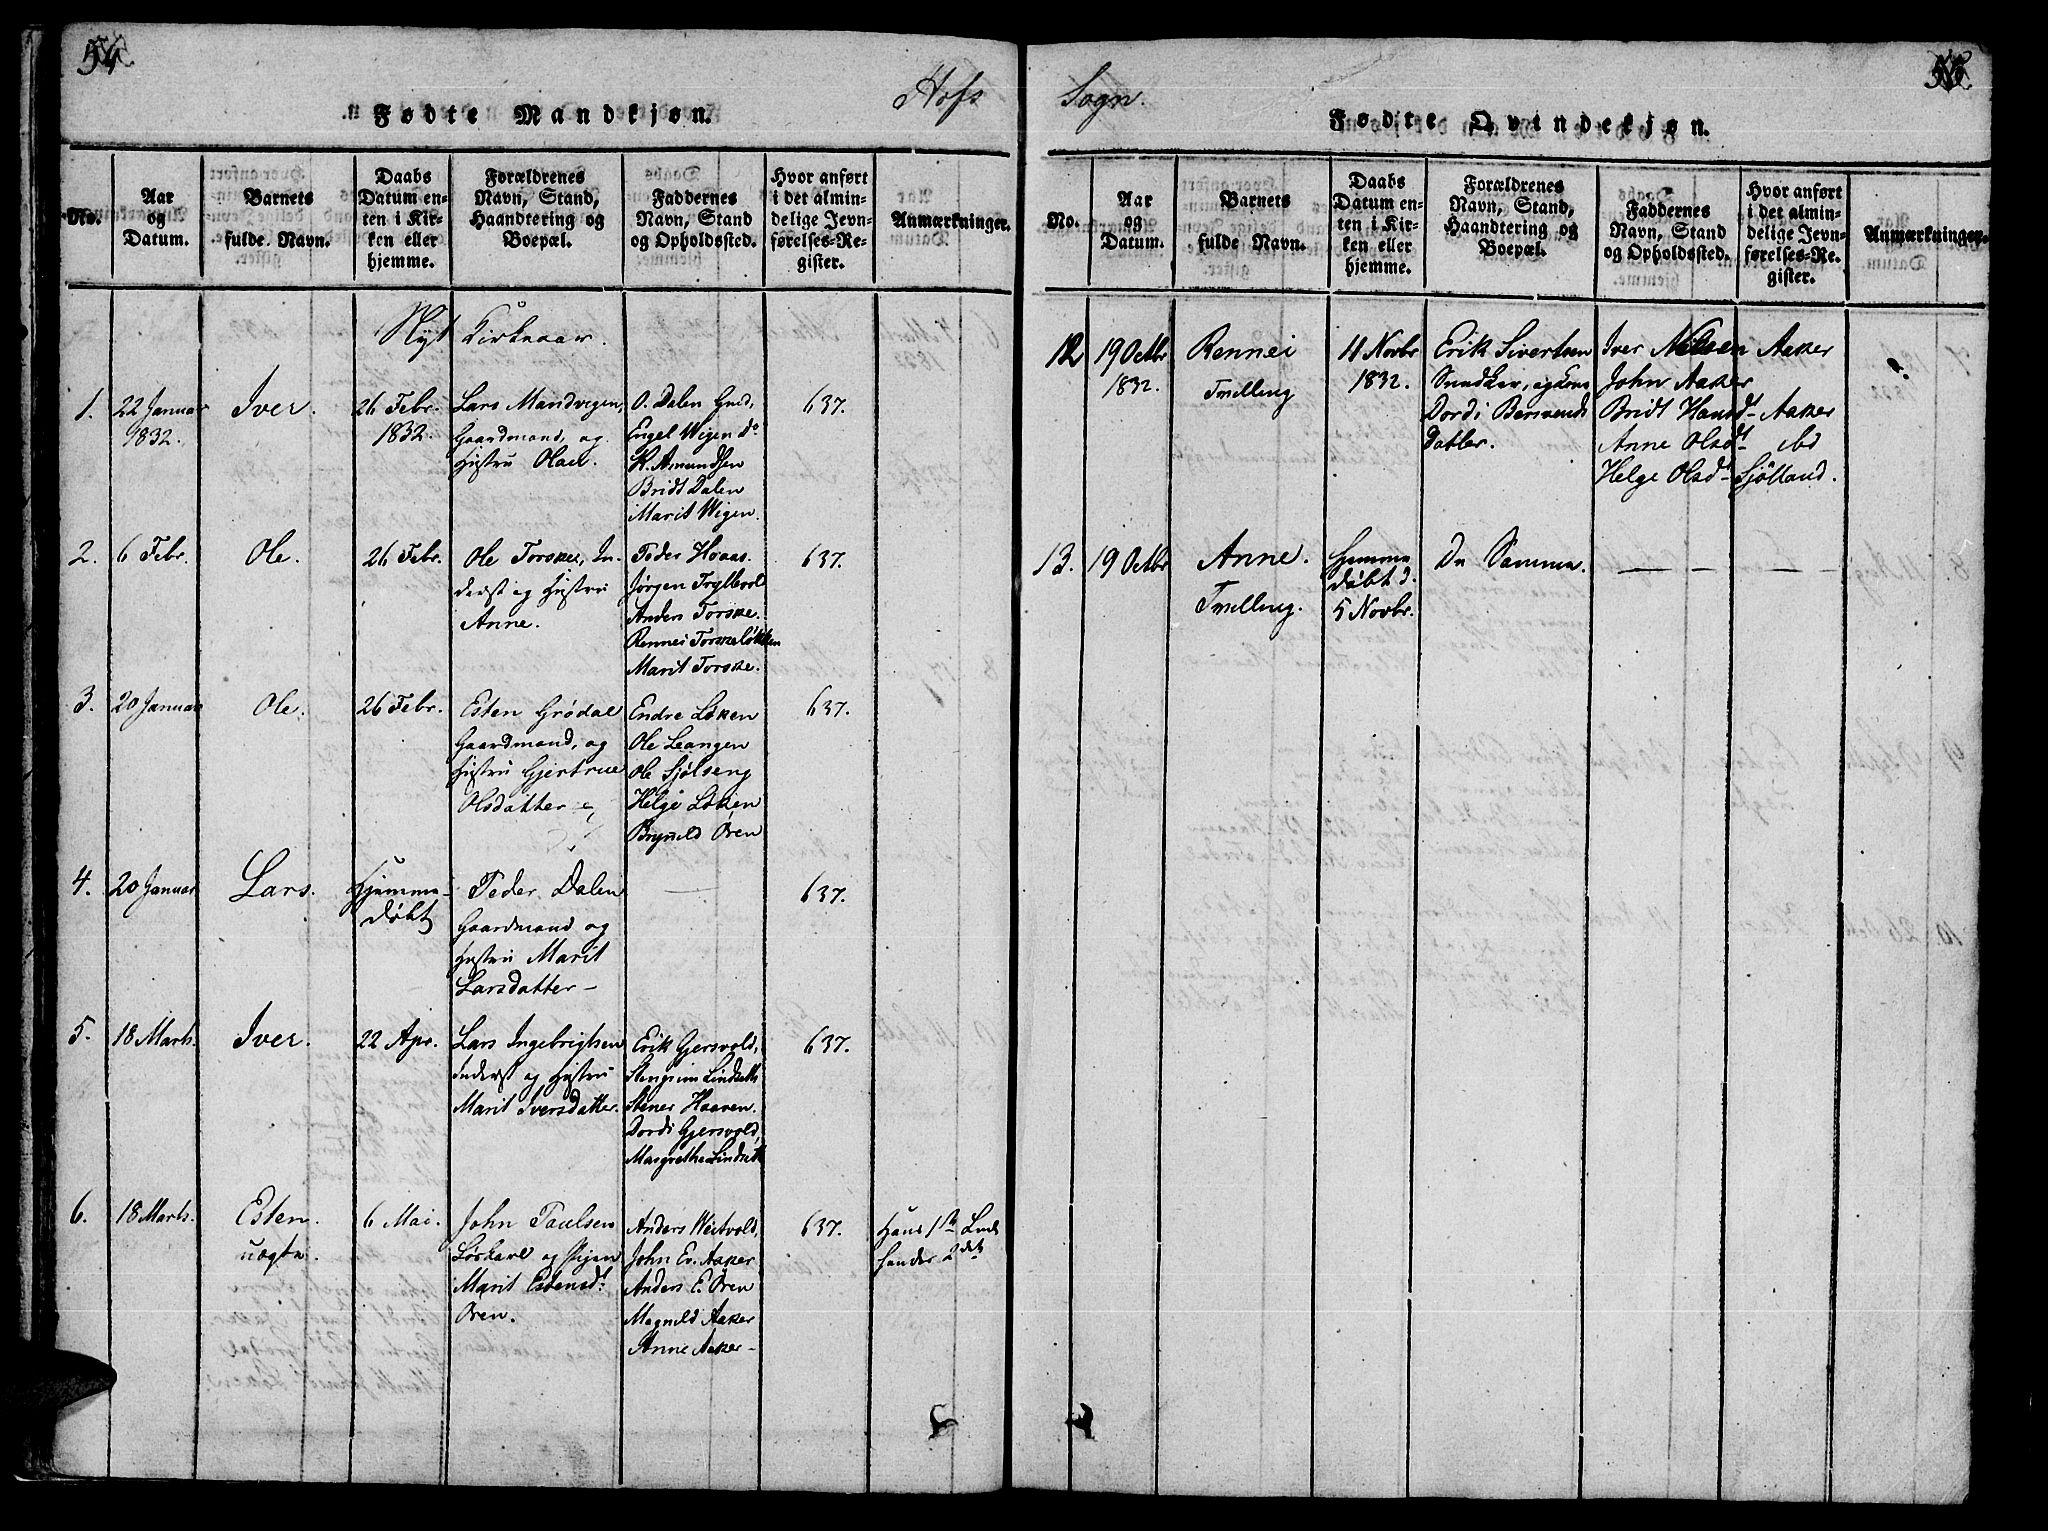 SAT, Ministerialprotokoller, klokkerbøker og fødselsregistre - Møre og Romsdal, 590/L1009: Ministerialbok nr. 590A03 /1, 1819-1832, s. 54-55